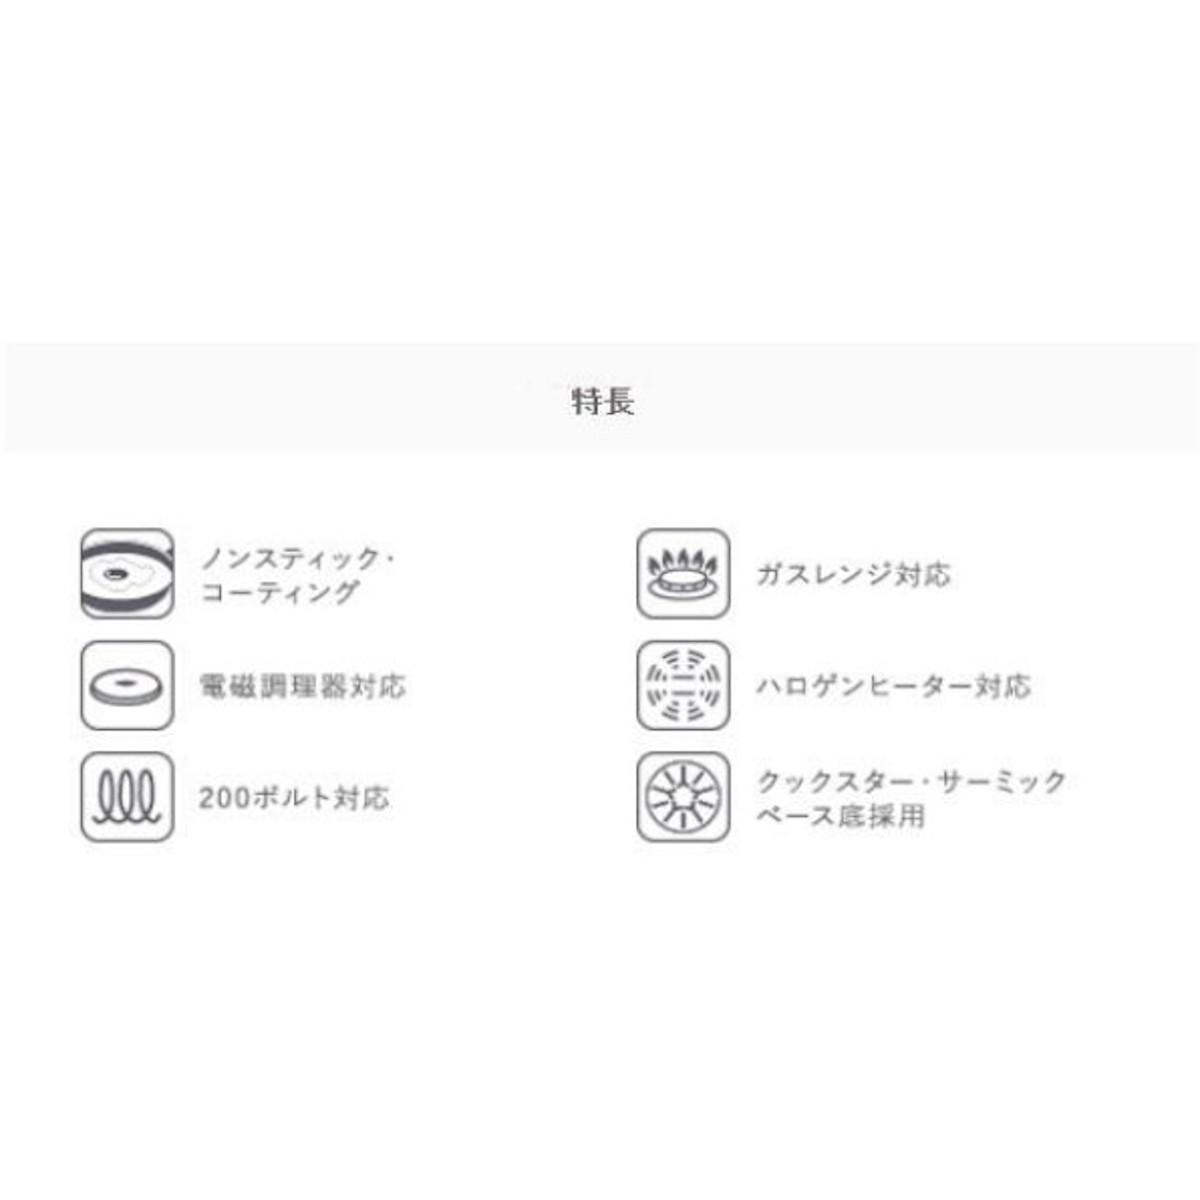 【Fissler】 フライパン 26cm アダマント クラシック  157-304-26-100 フィスラー